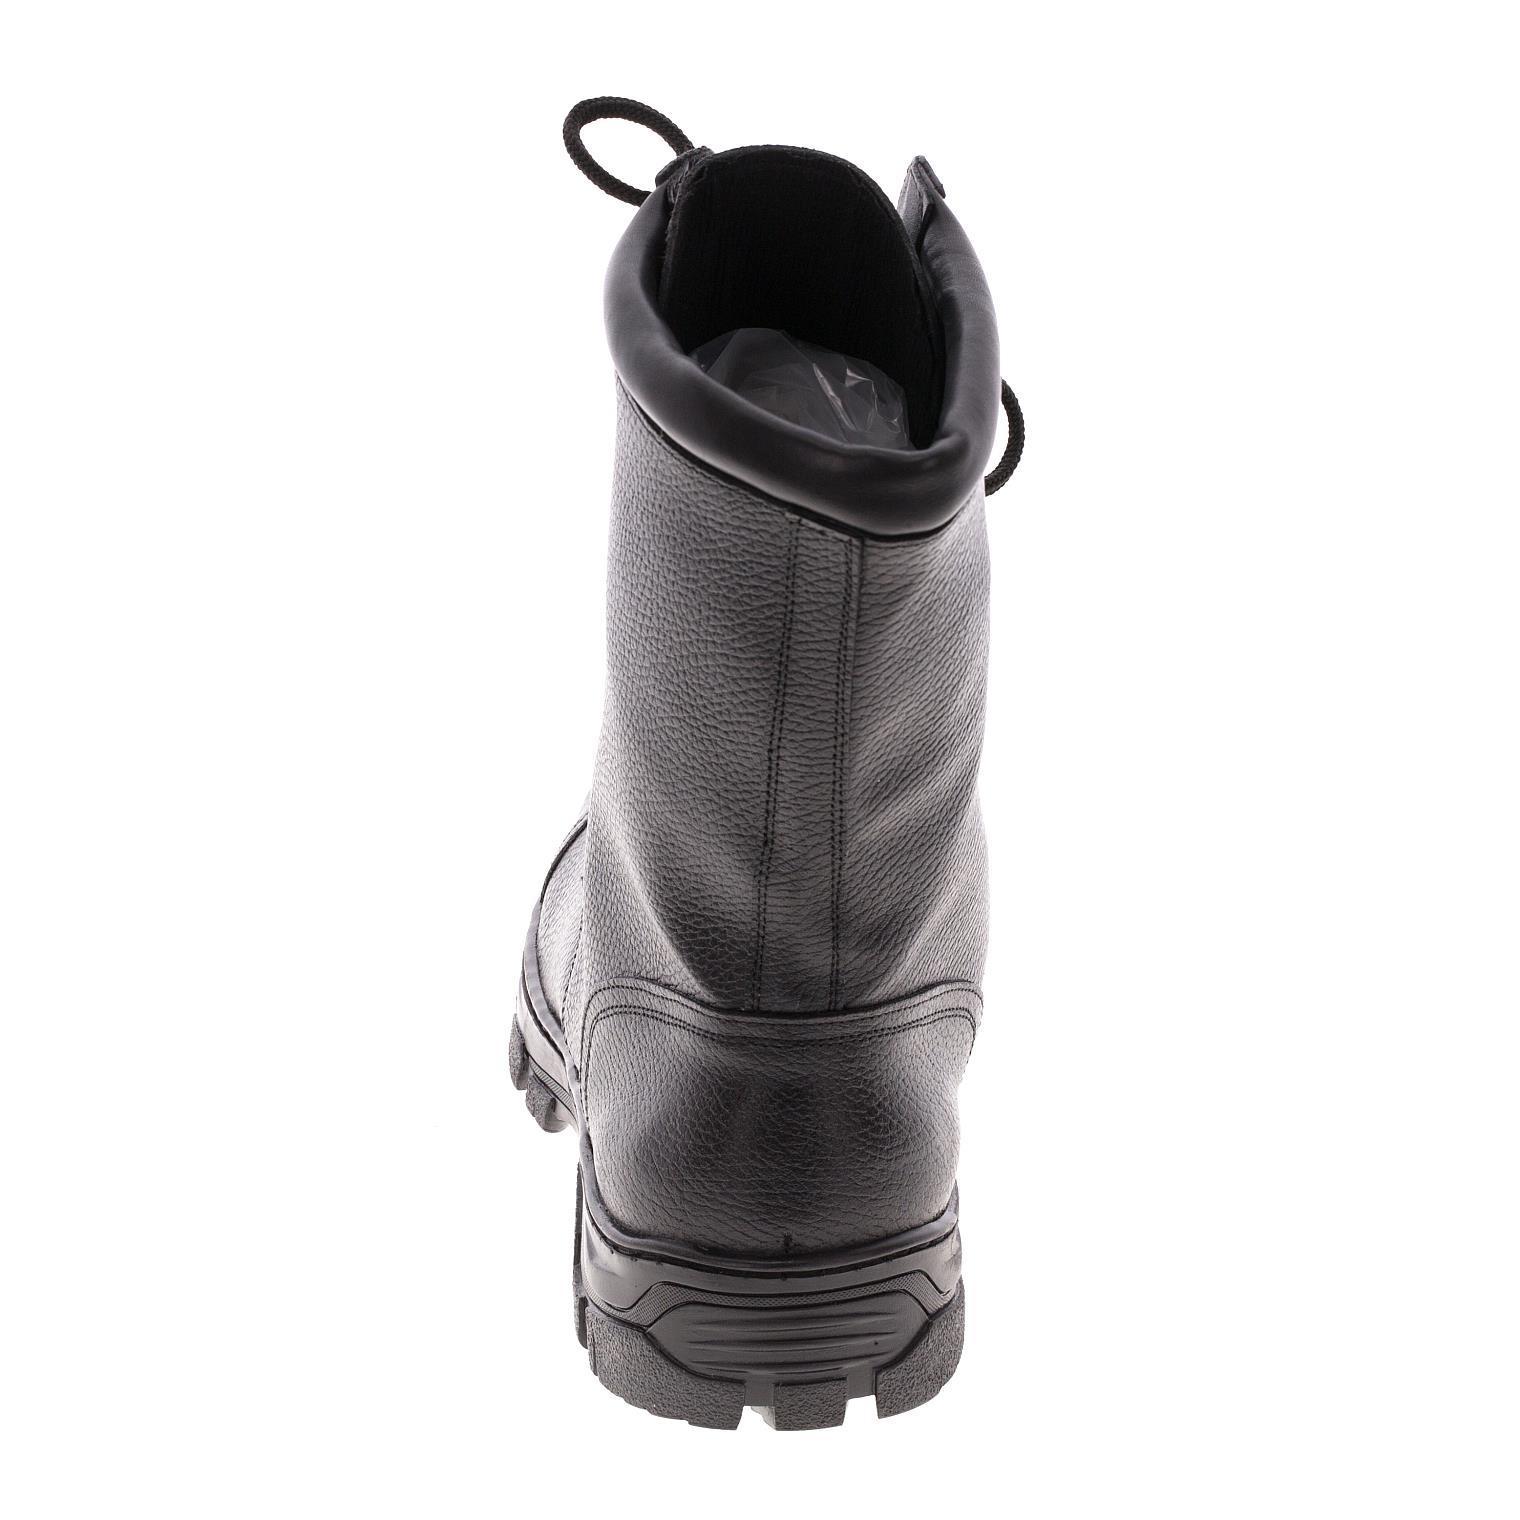 420435 сапоги мужские зимние больших размеров марки Делфино